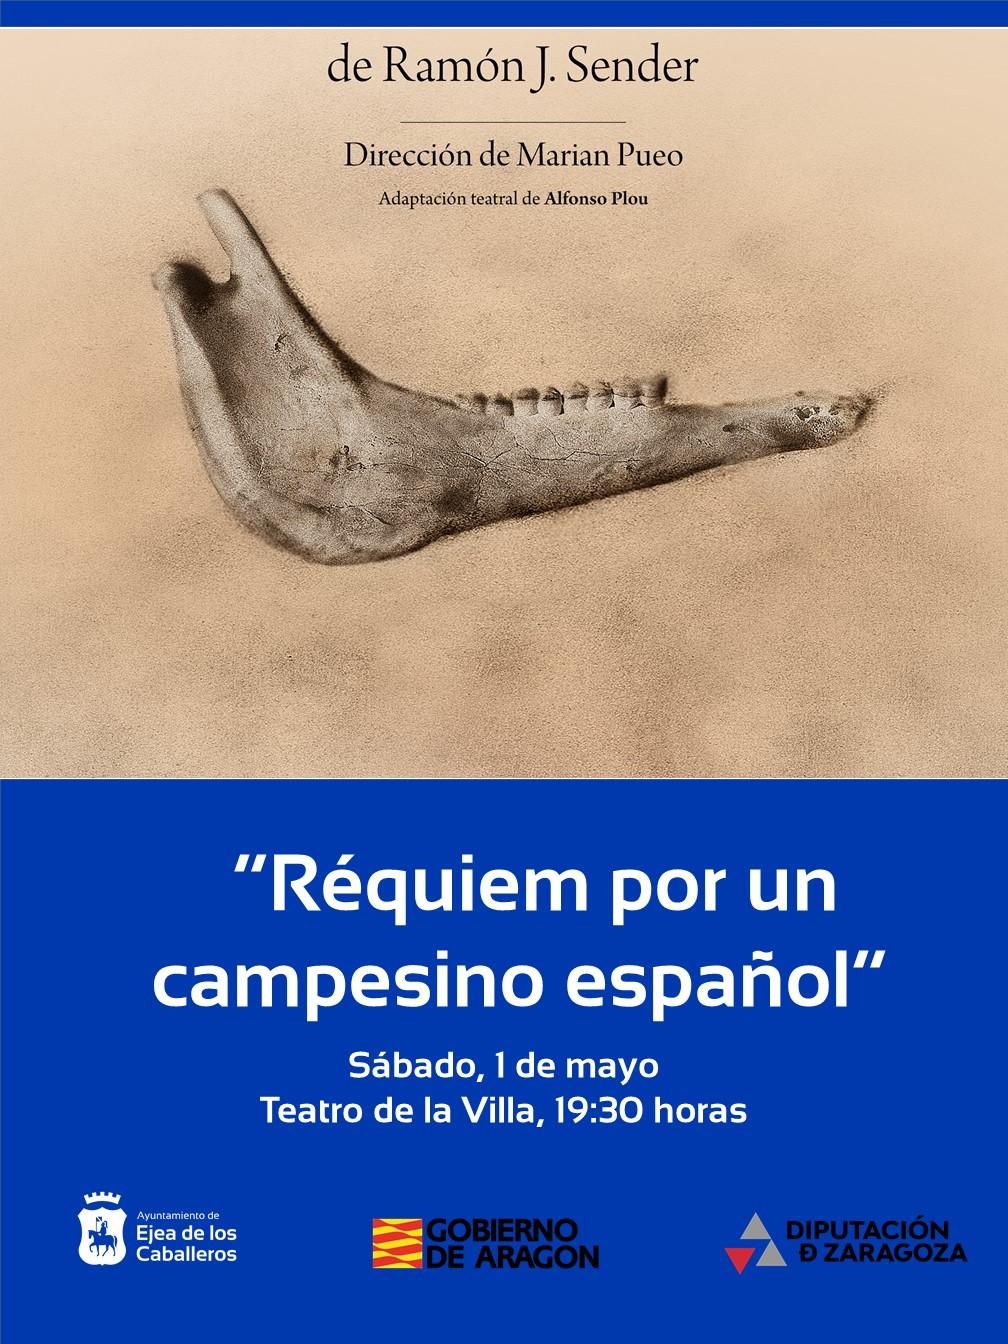 Teatro Che y Moche representará «Réquiem por un campesino español», adaptación teatral de la novela del escritor aragonés Ramón J. Sender